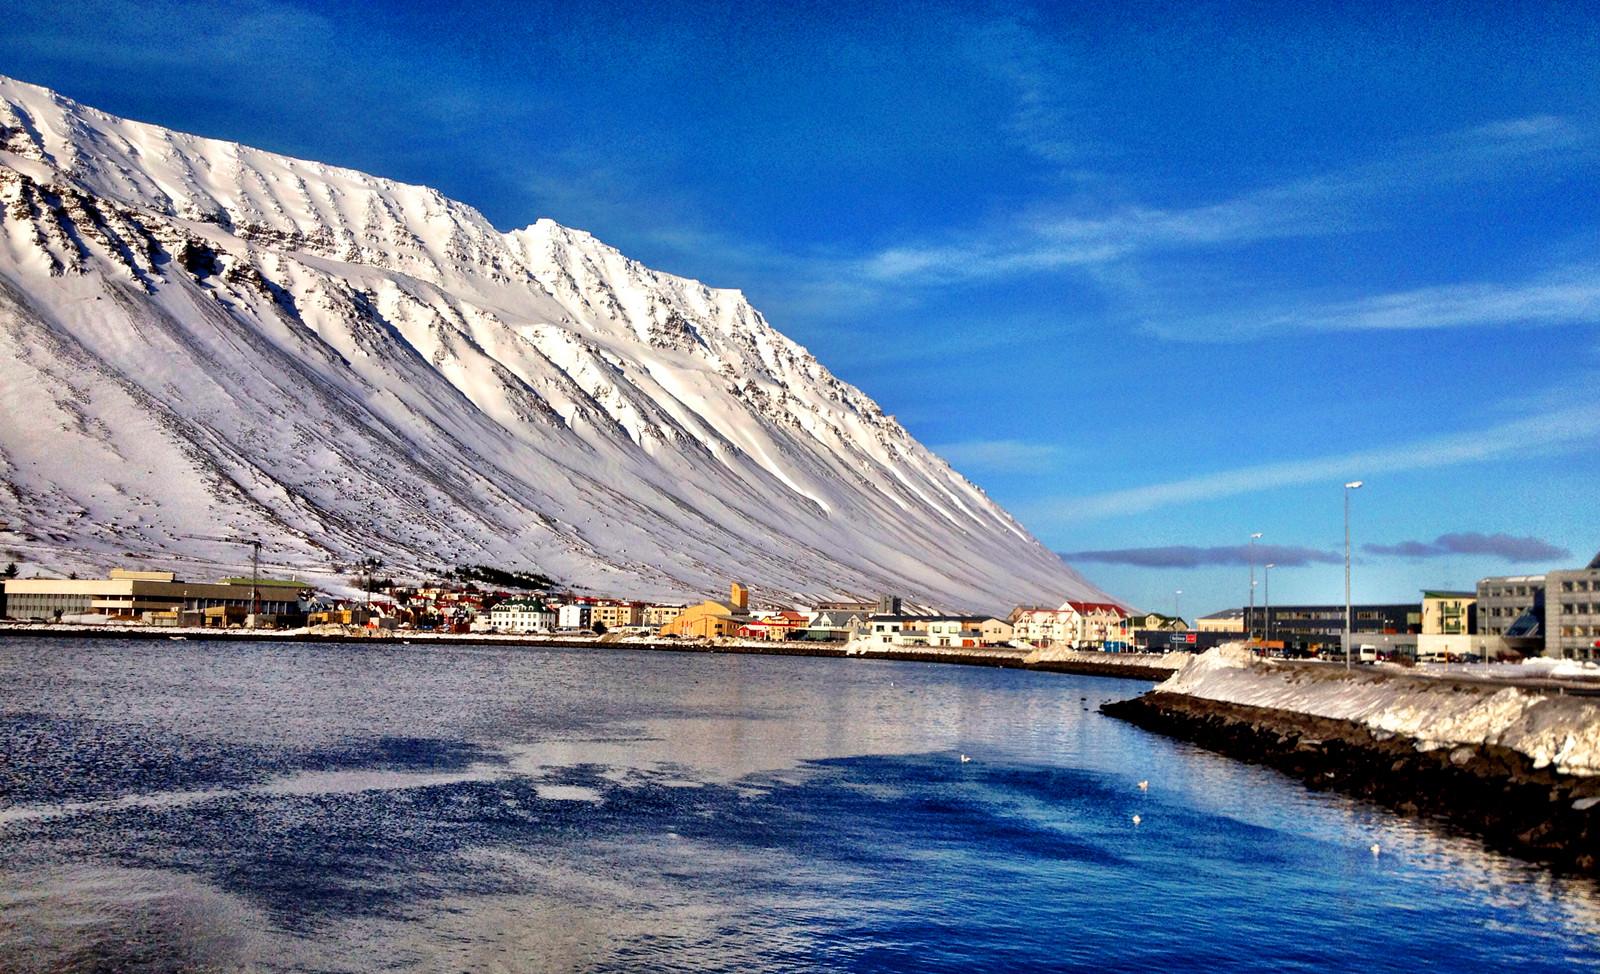 冰岛伊萨菲厄泽1